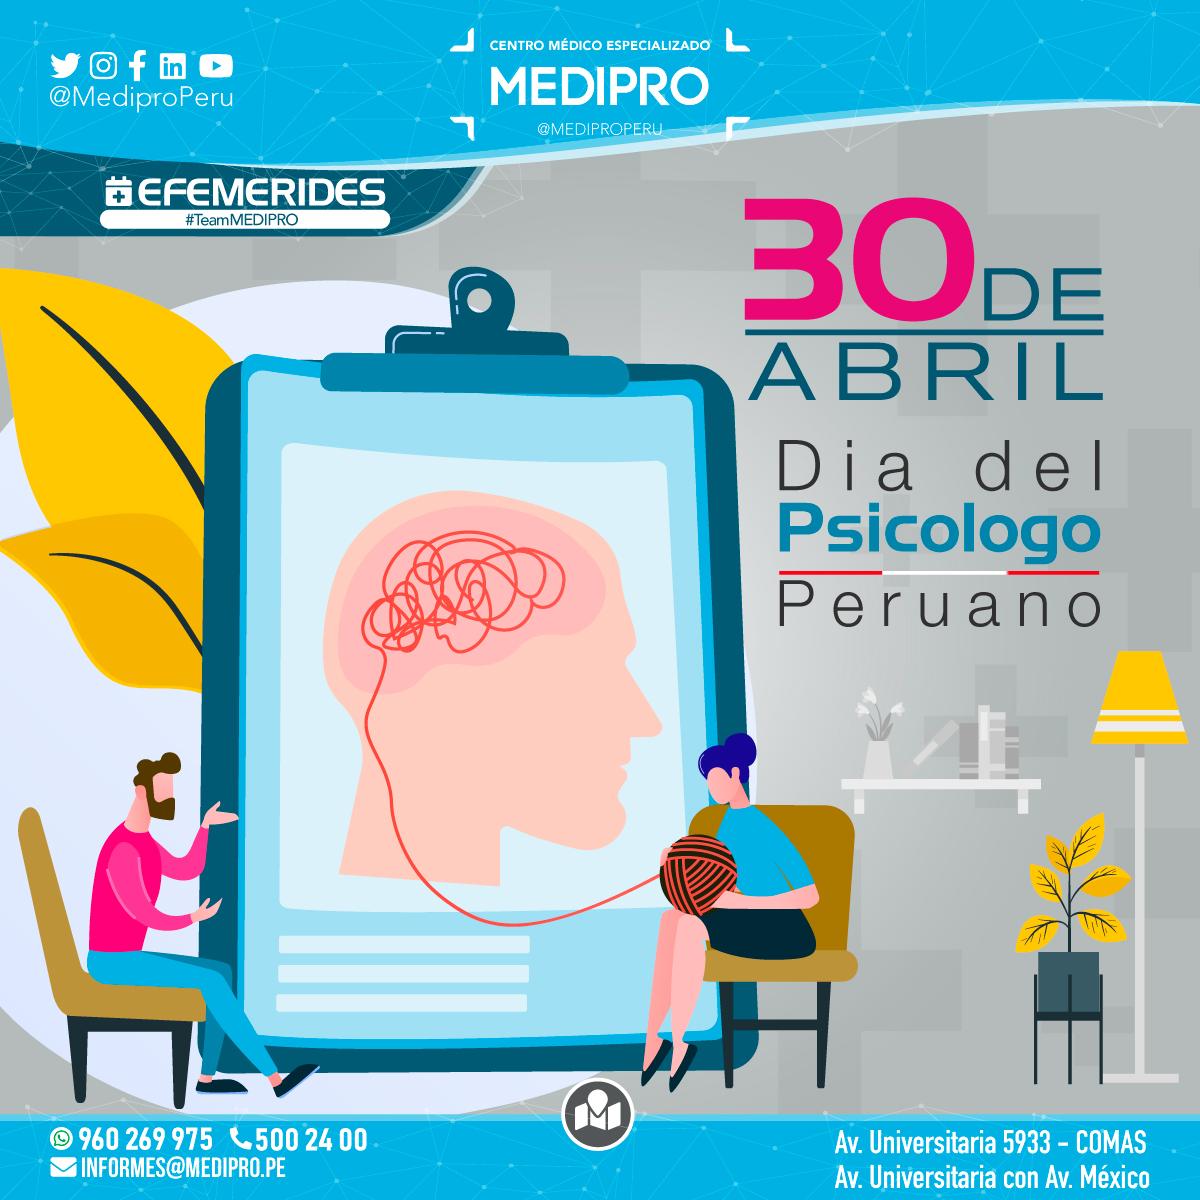 30 de Abril Dia del Psicólogo Peruano